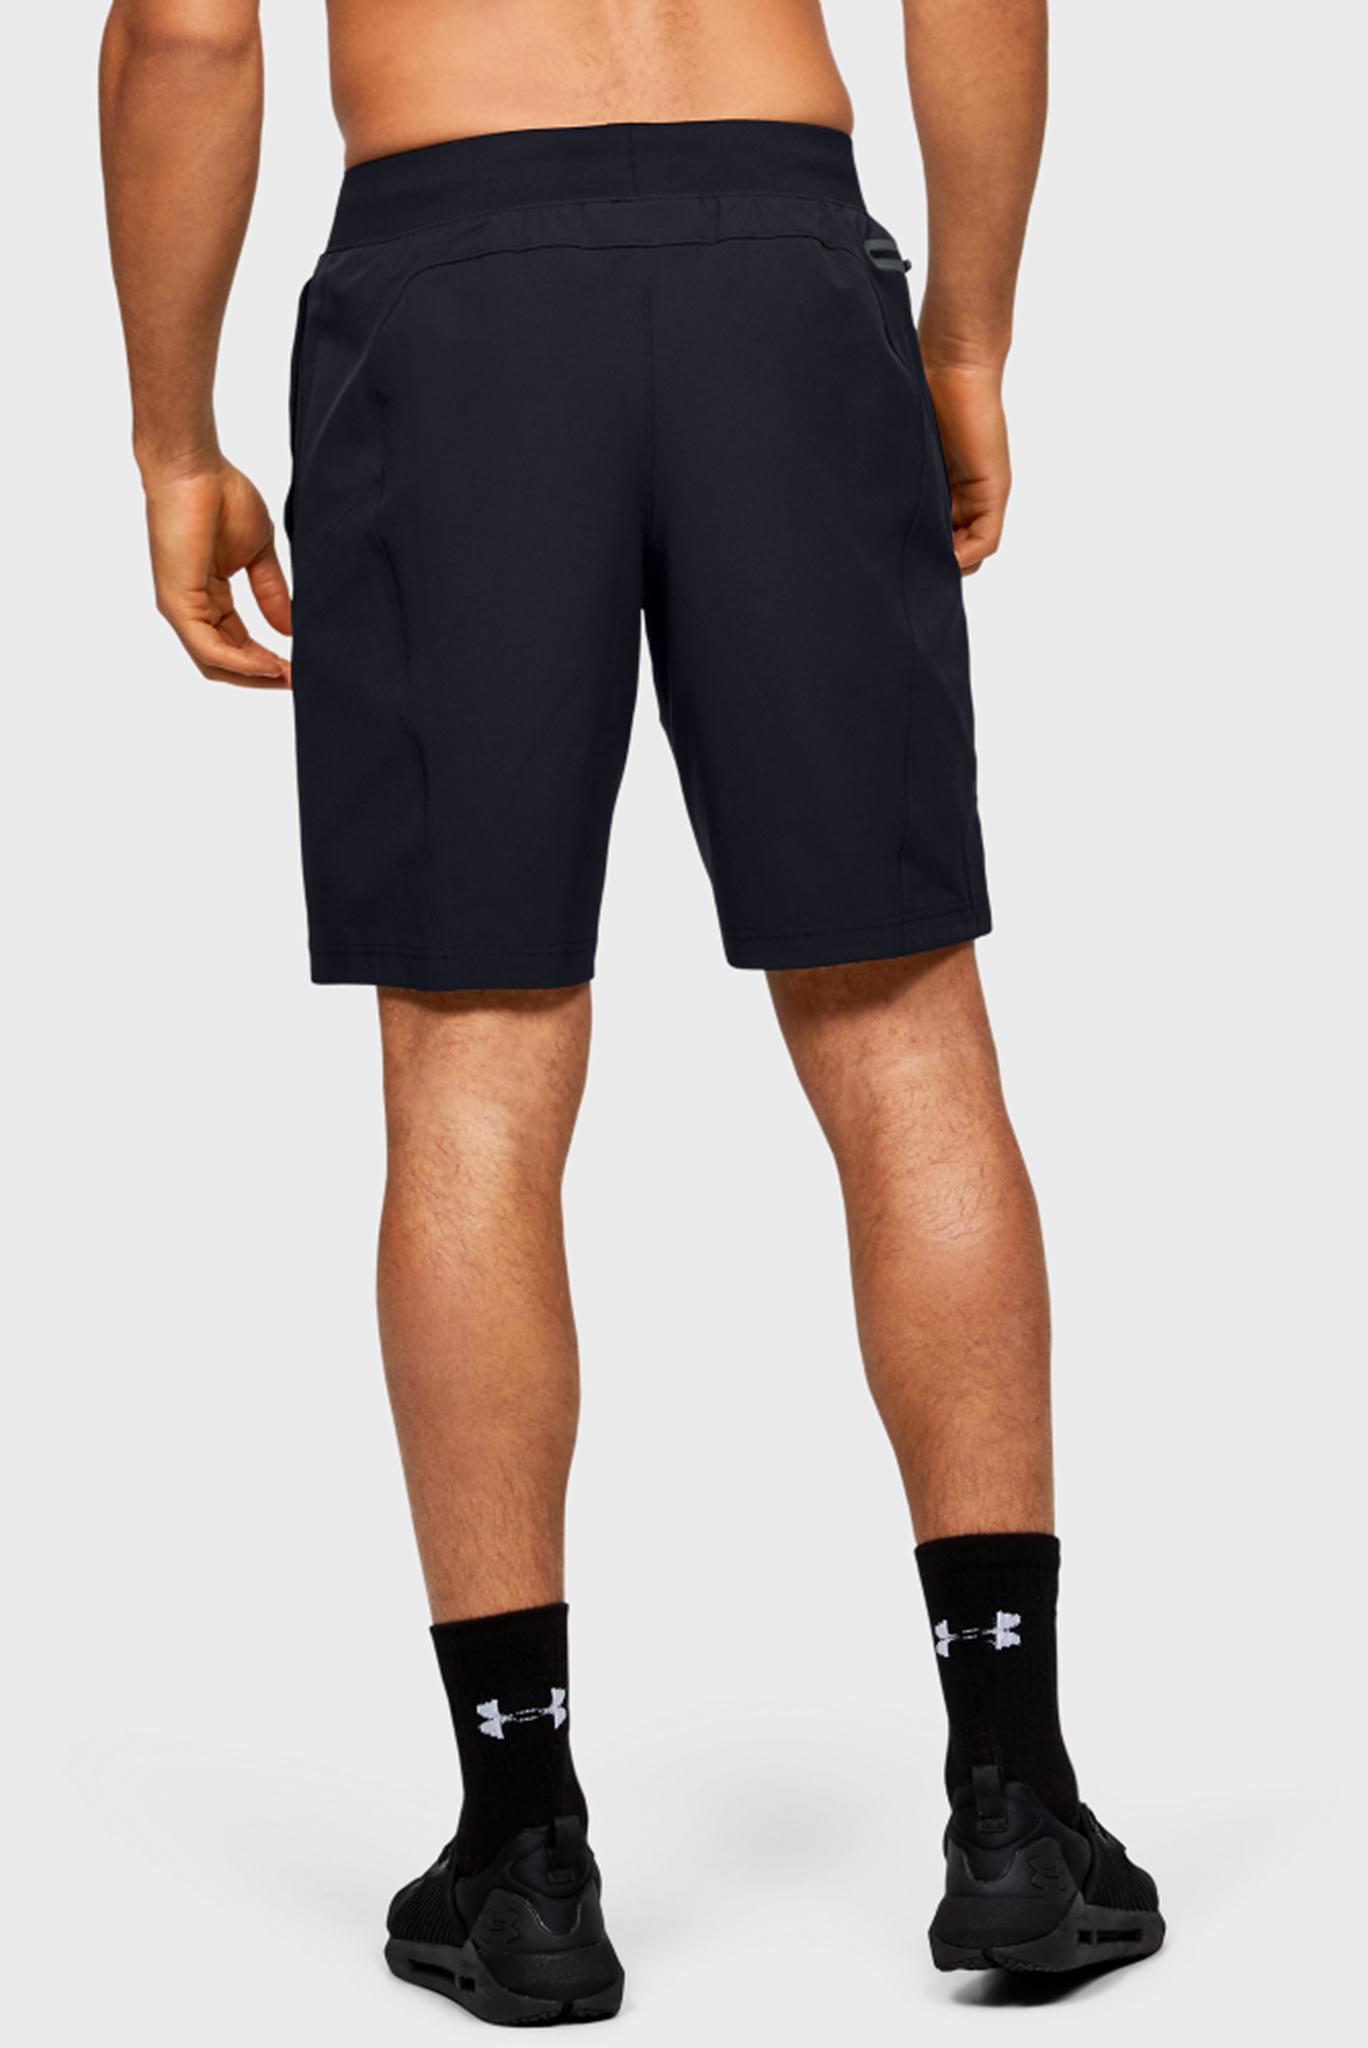 Мужские черные спортивные шорты FLEX WOVEN SHORTS Under Armour